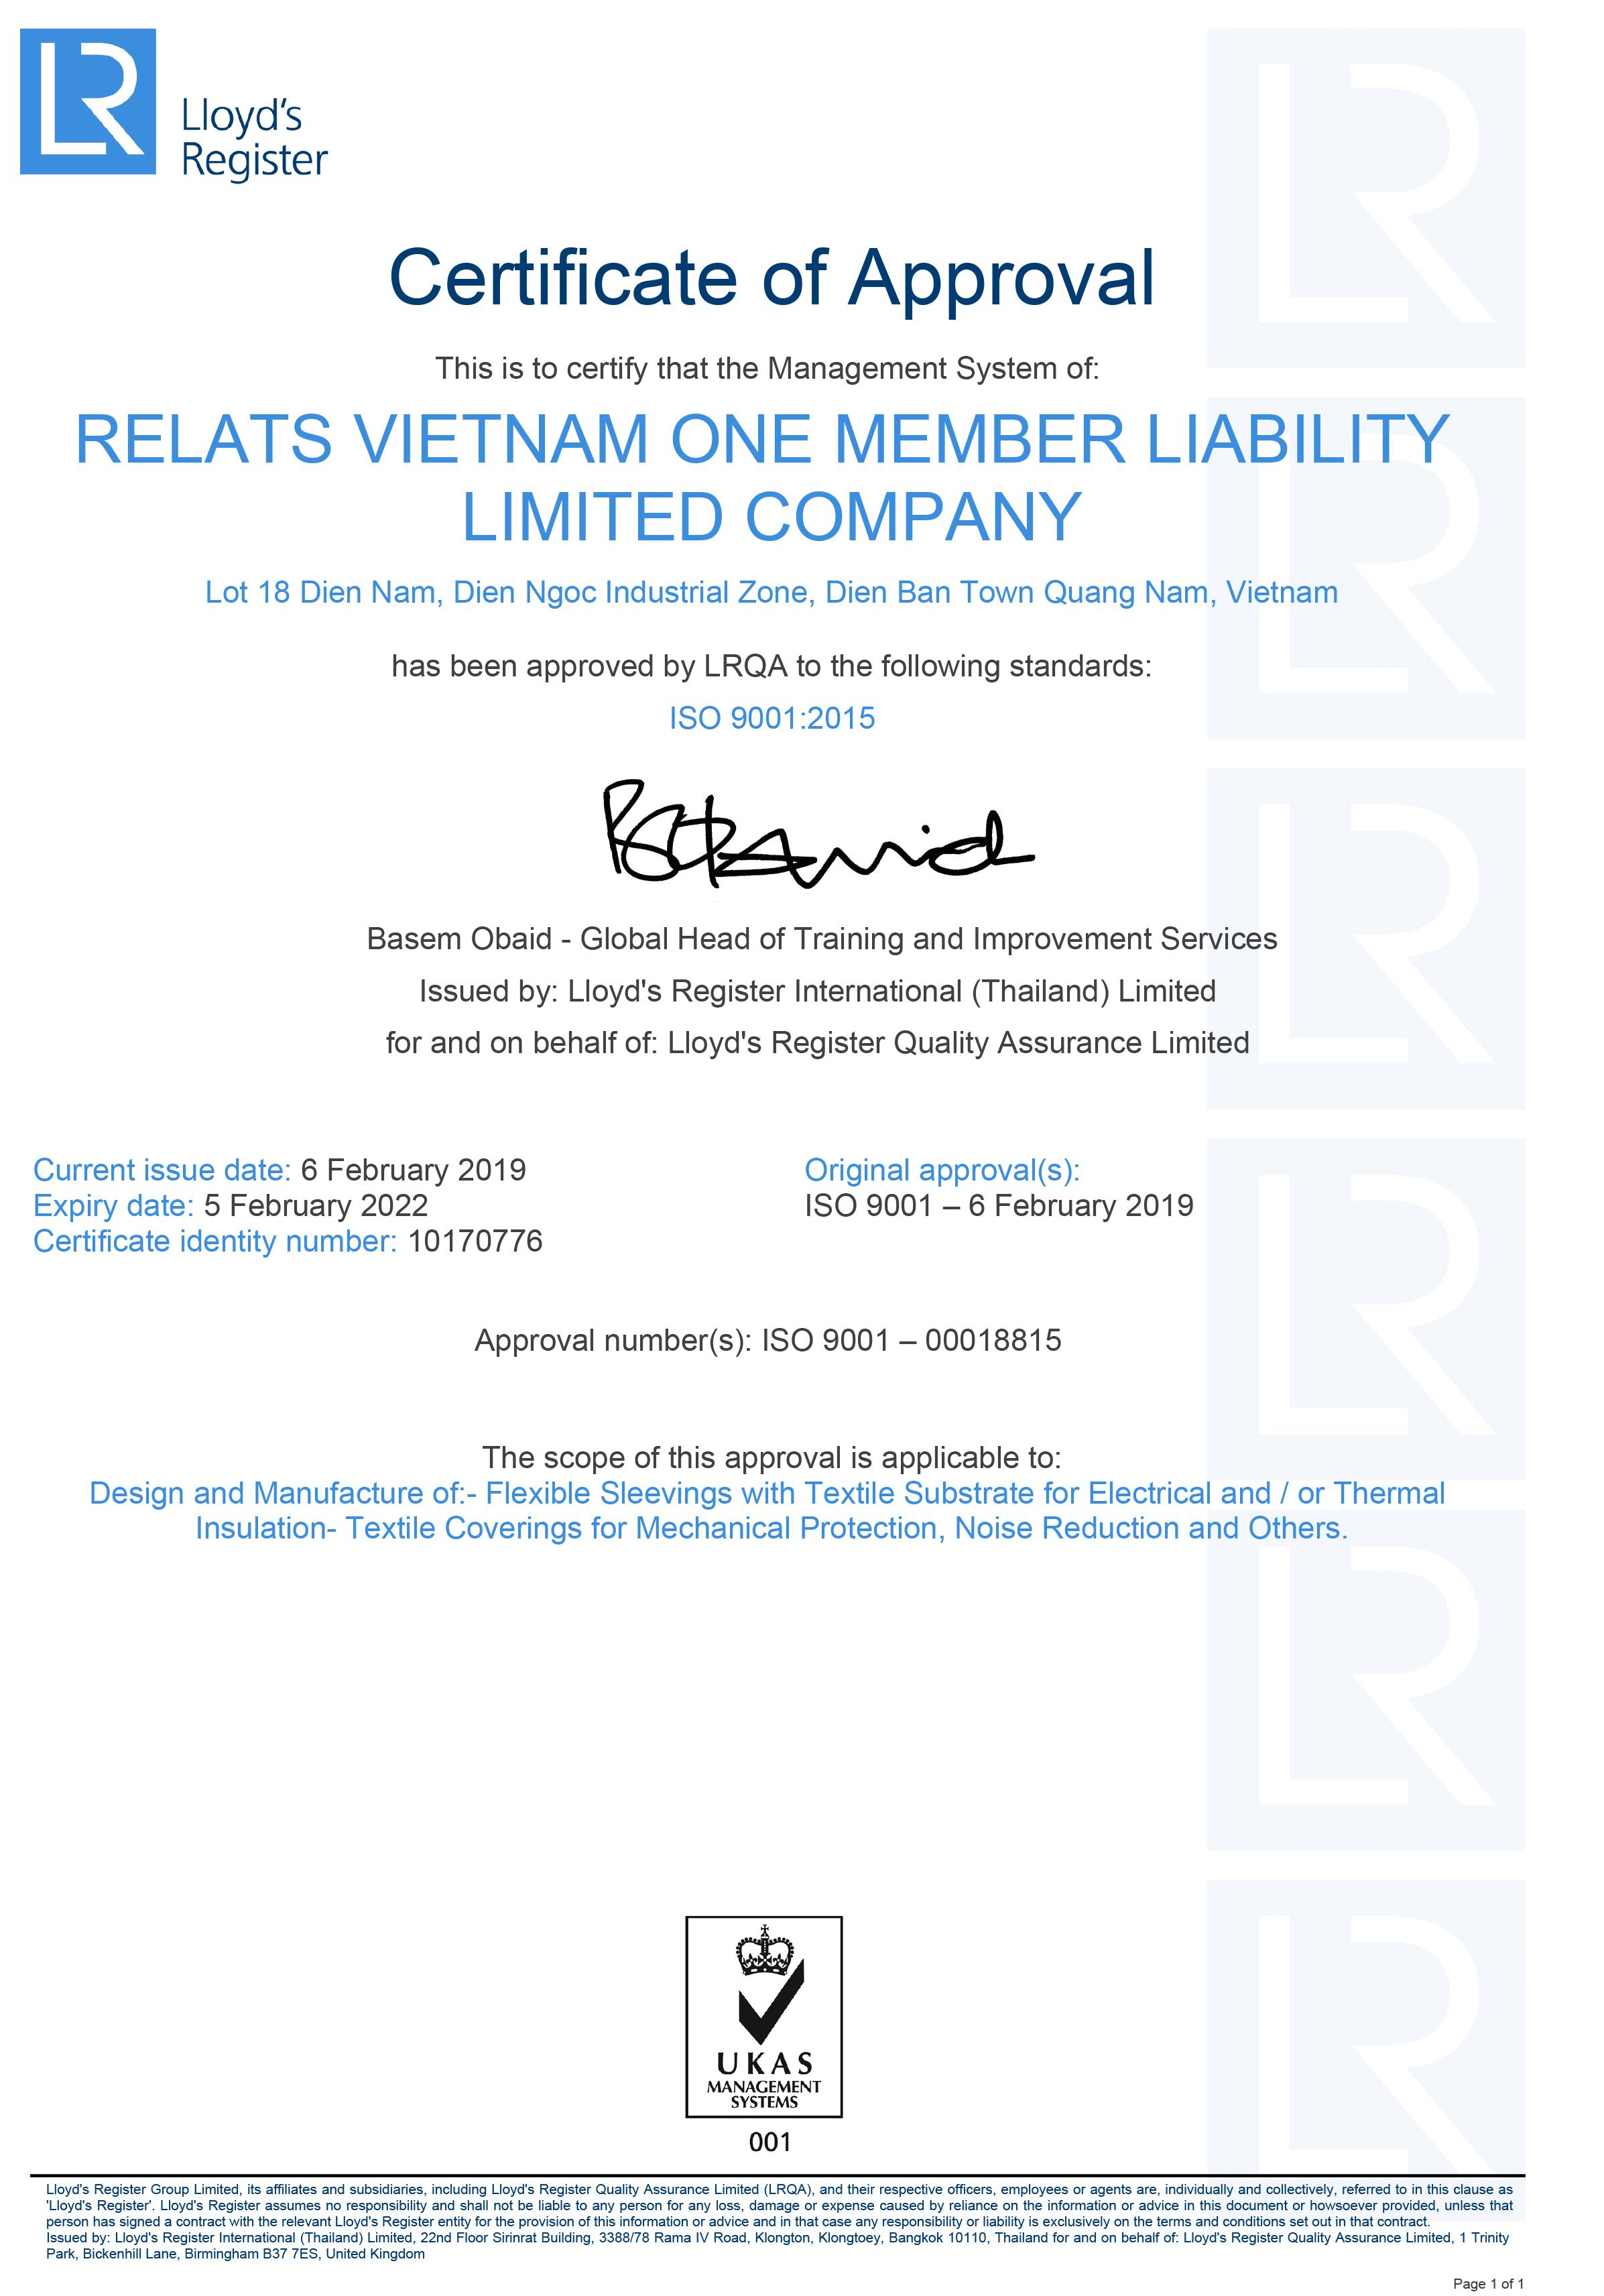 ISO 9001:2015 Certificat Relats Vietnam